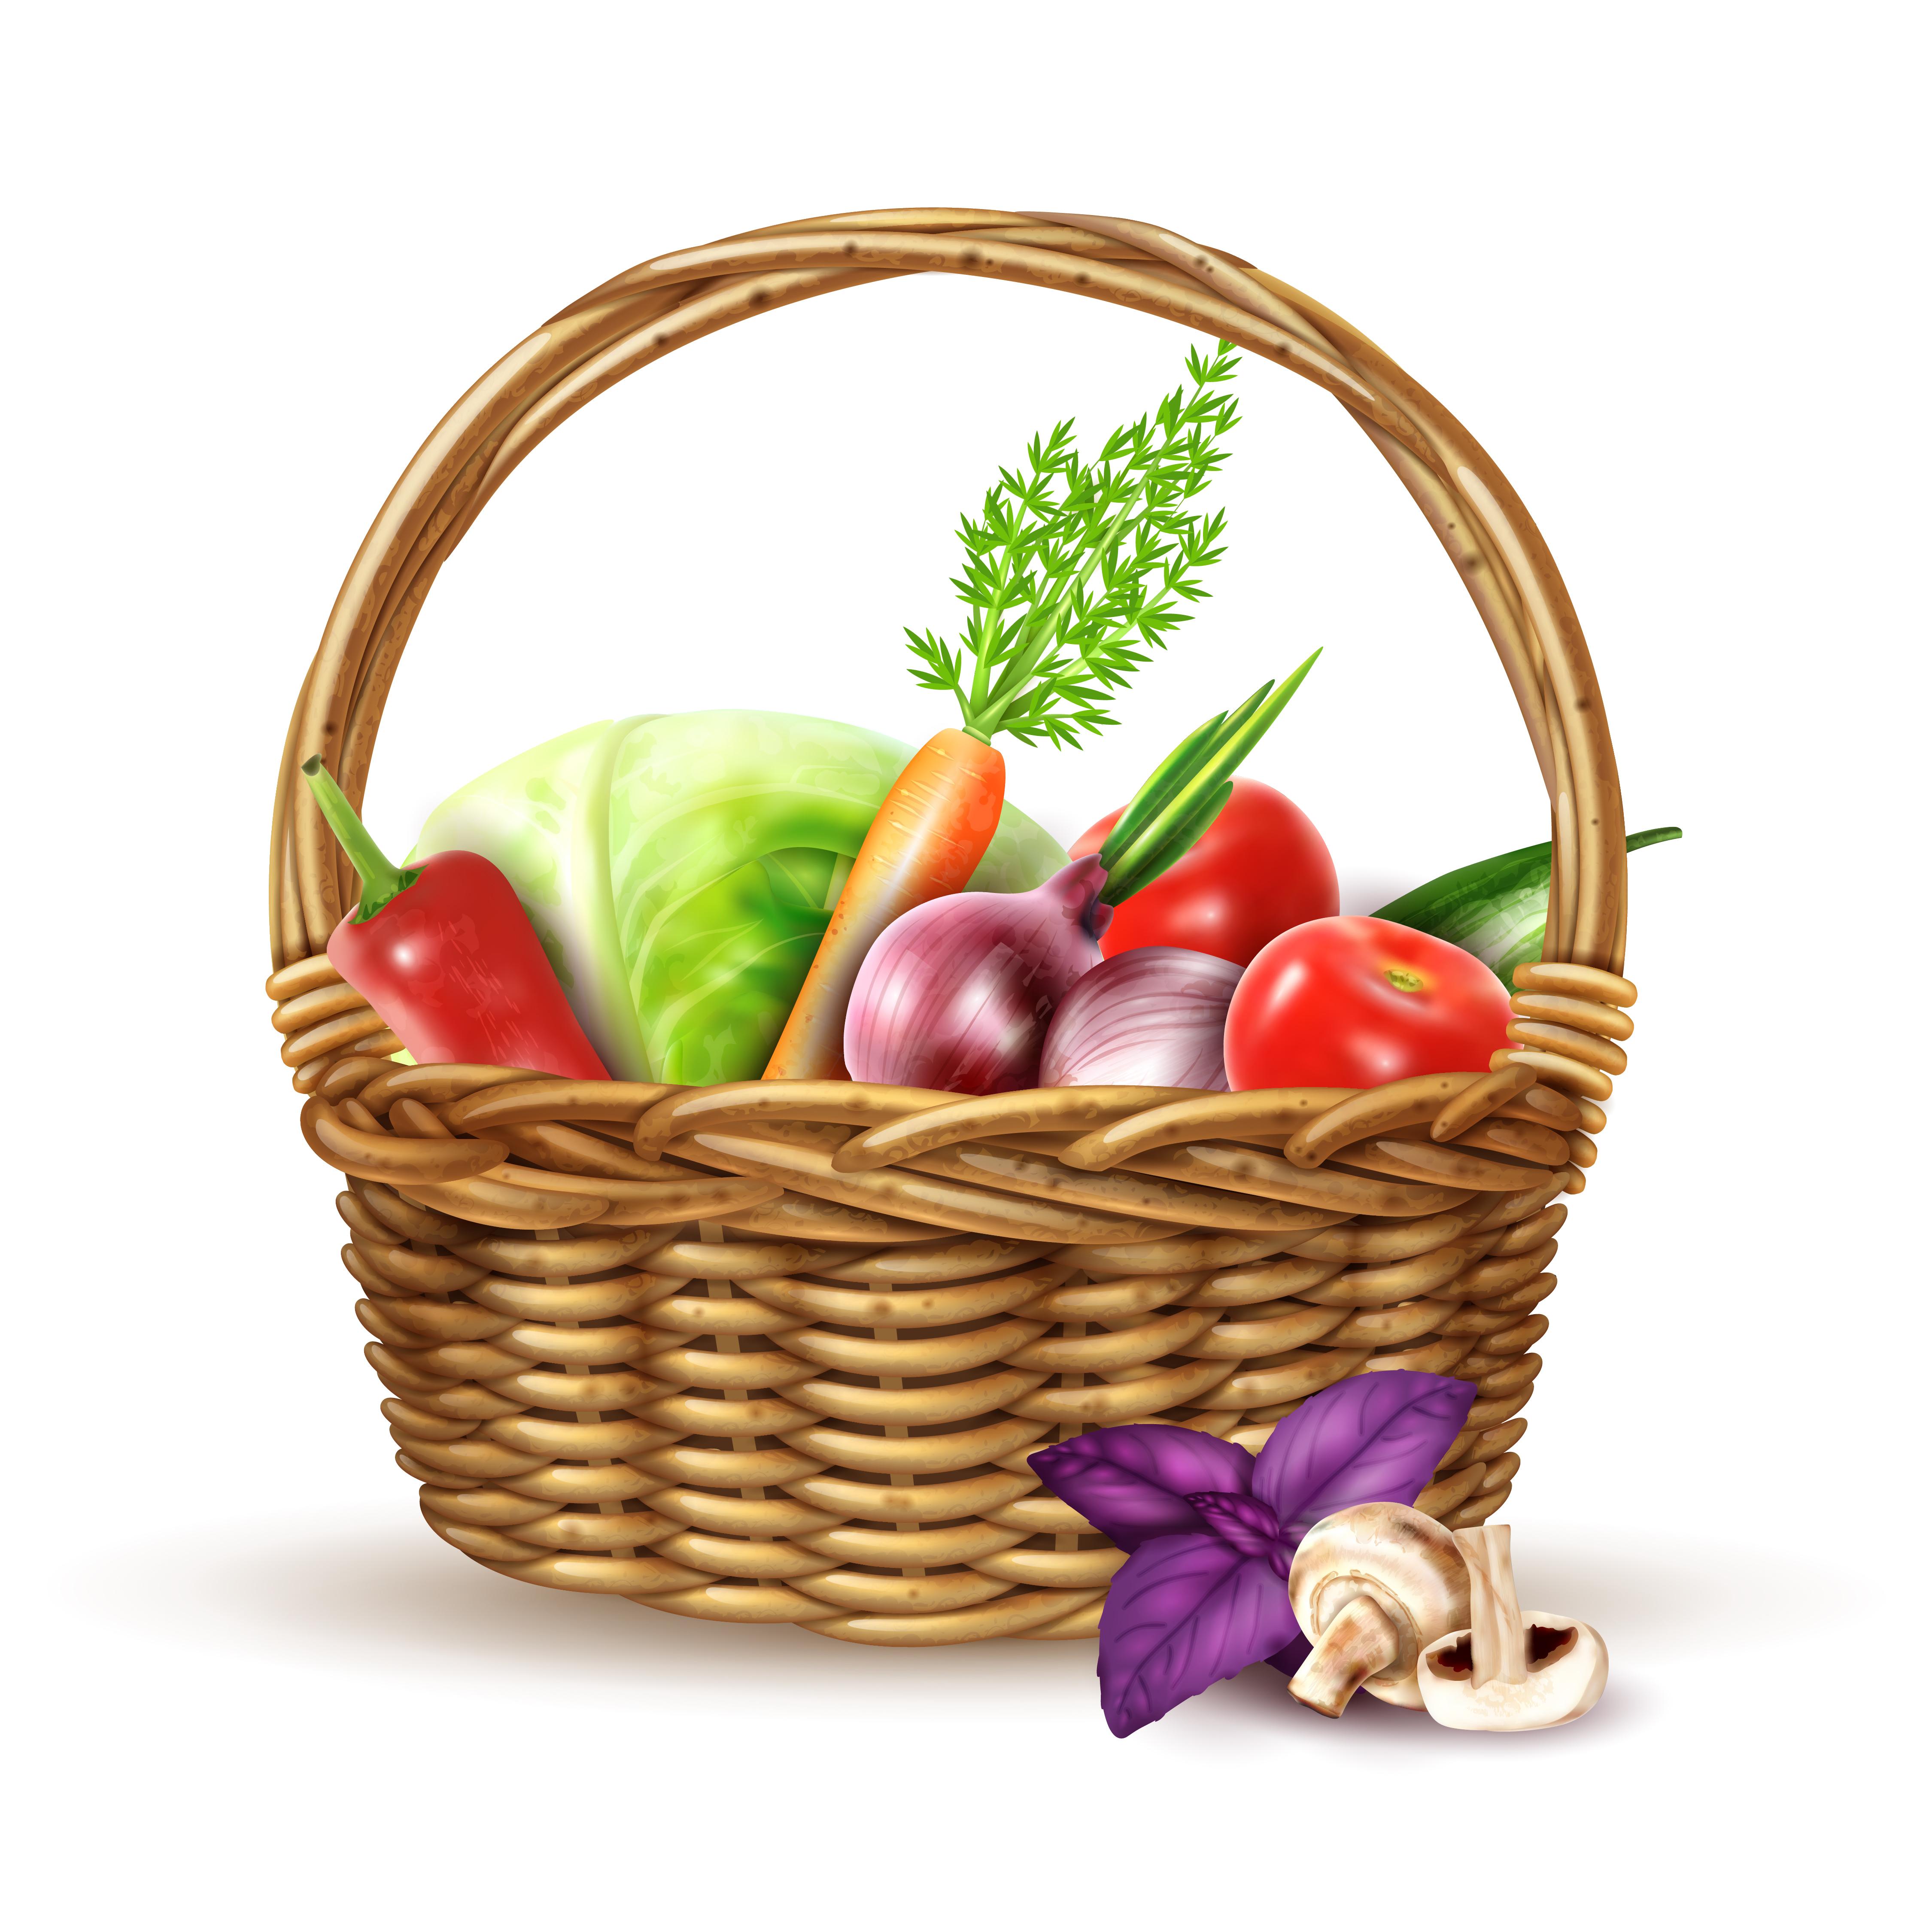 Vegetables Harvest Wicker Basket Realistic Image ...